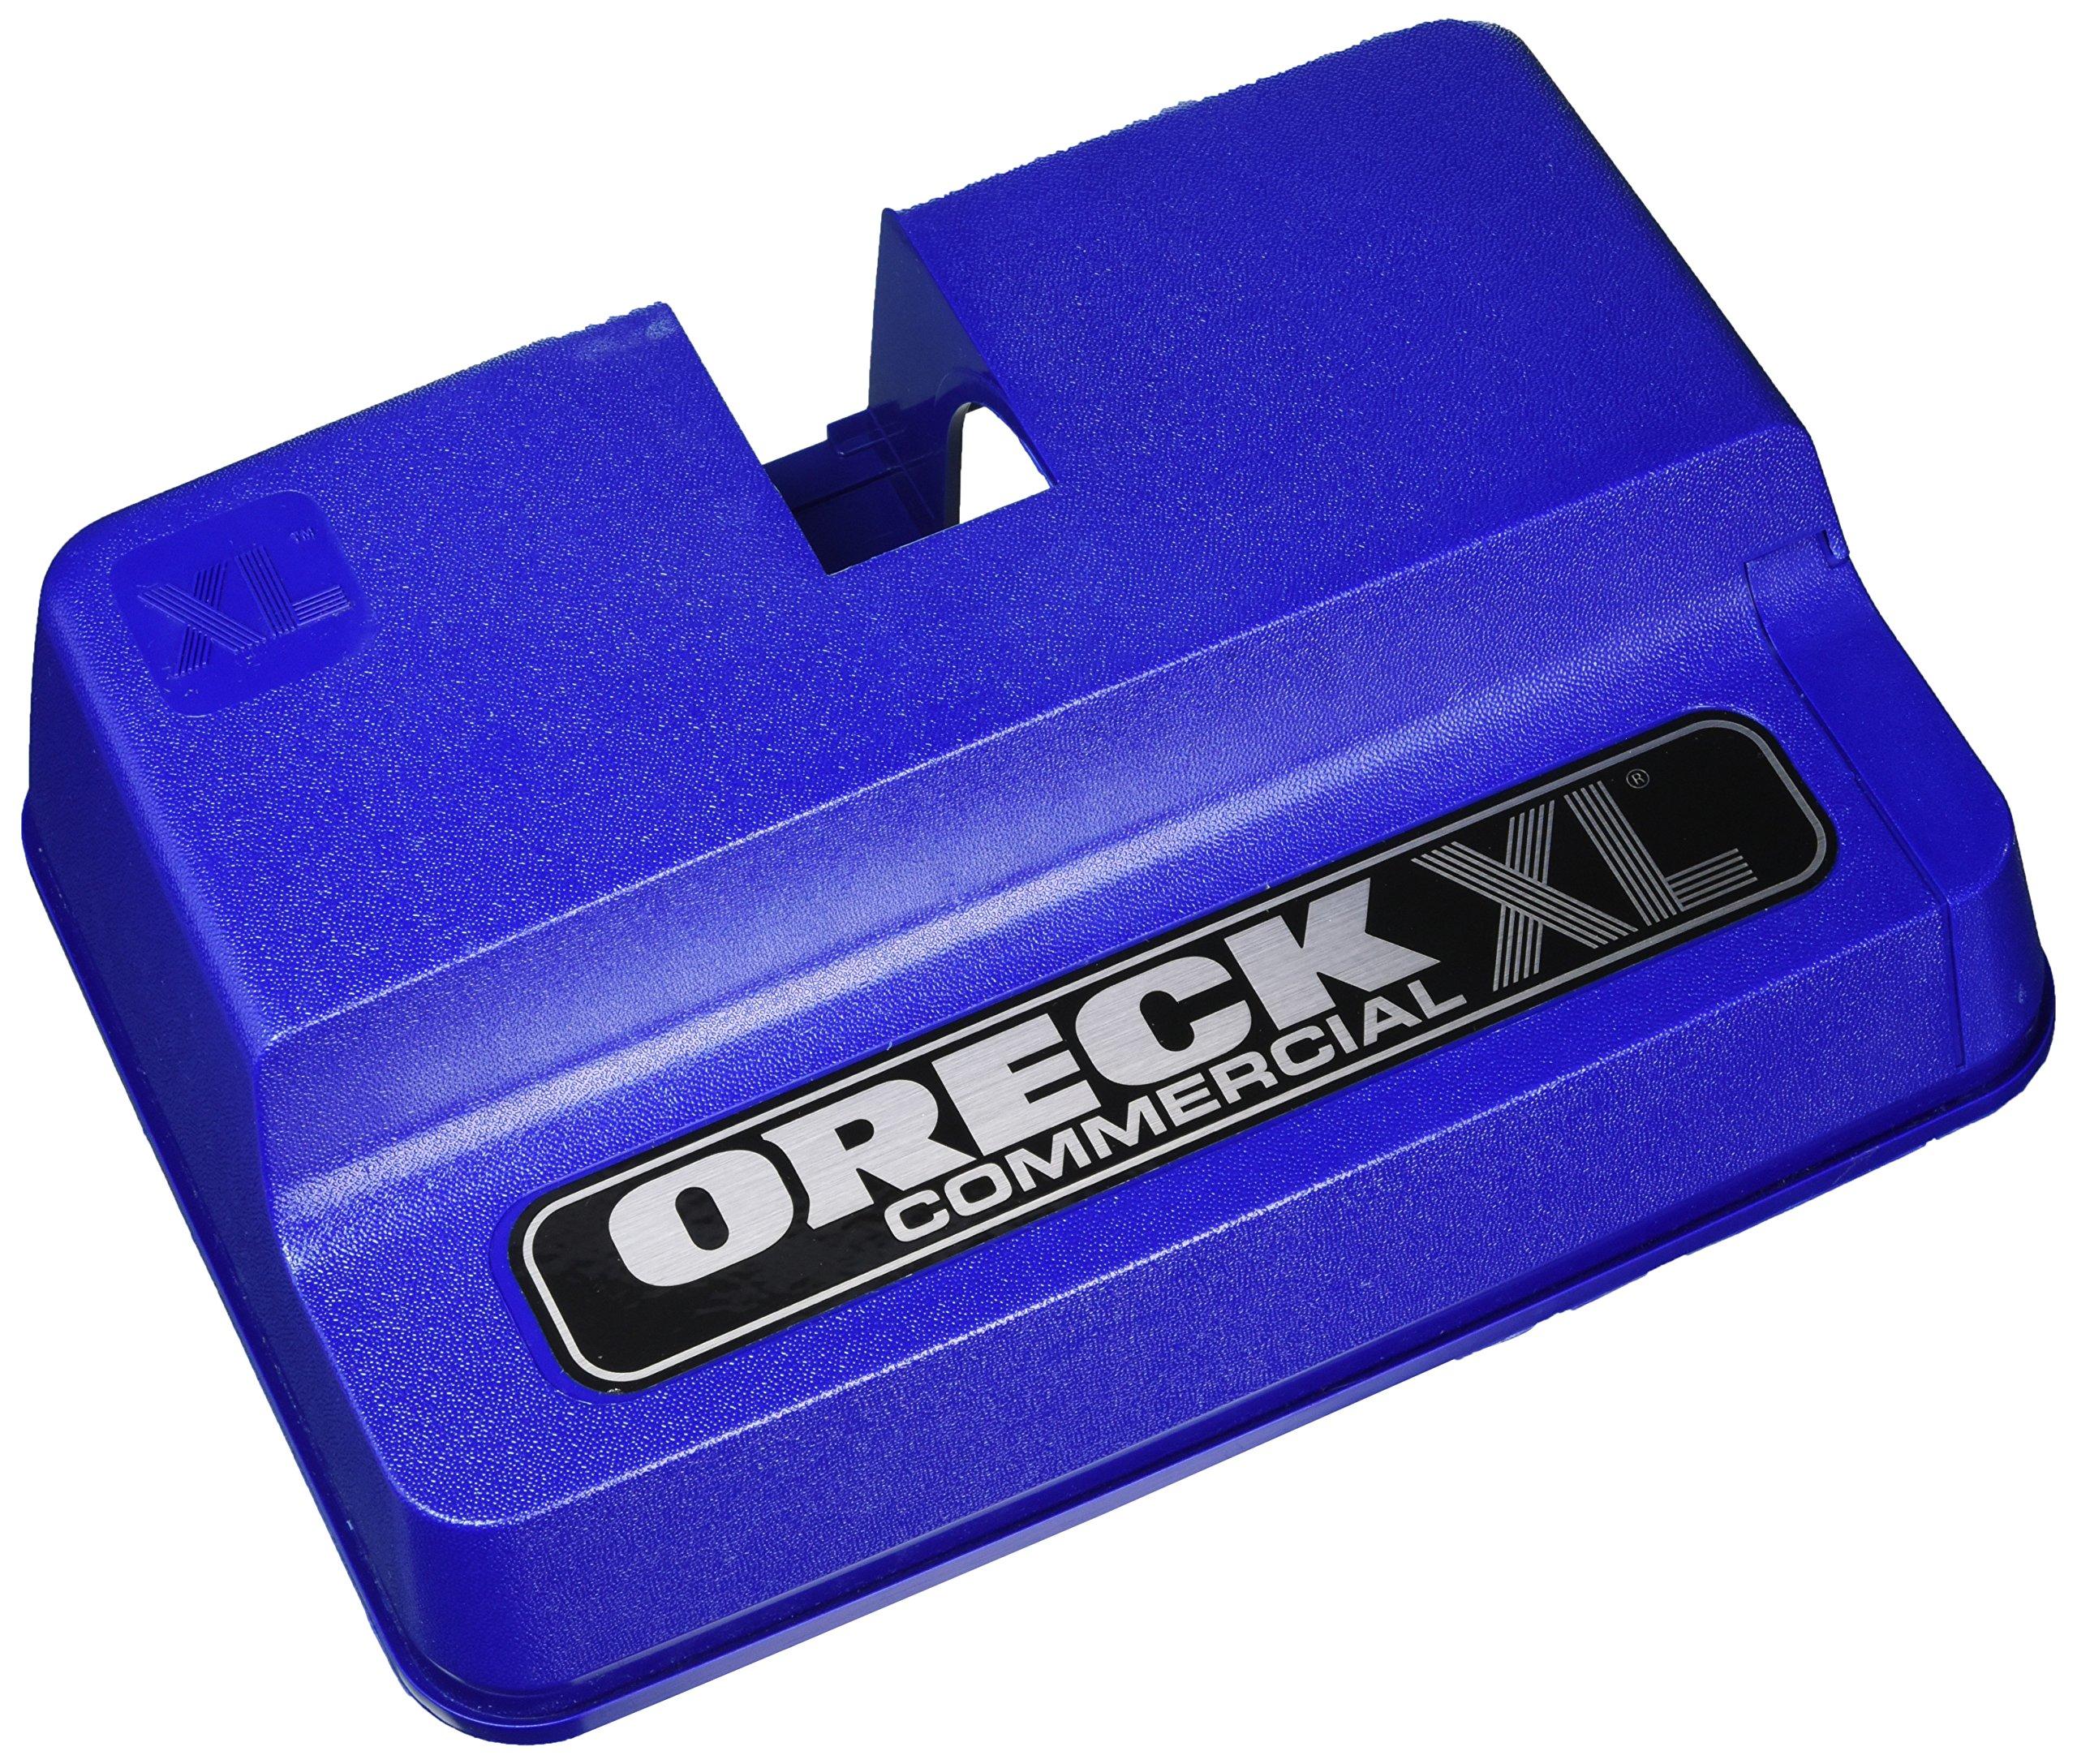 Oreck 09-75430-05 HOUSING, Nozzle Blue XL2100HH/RH